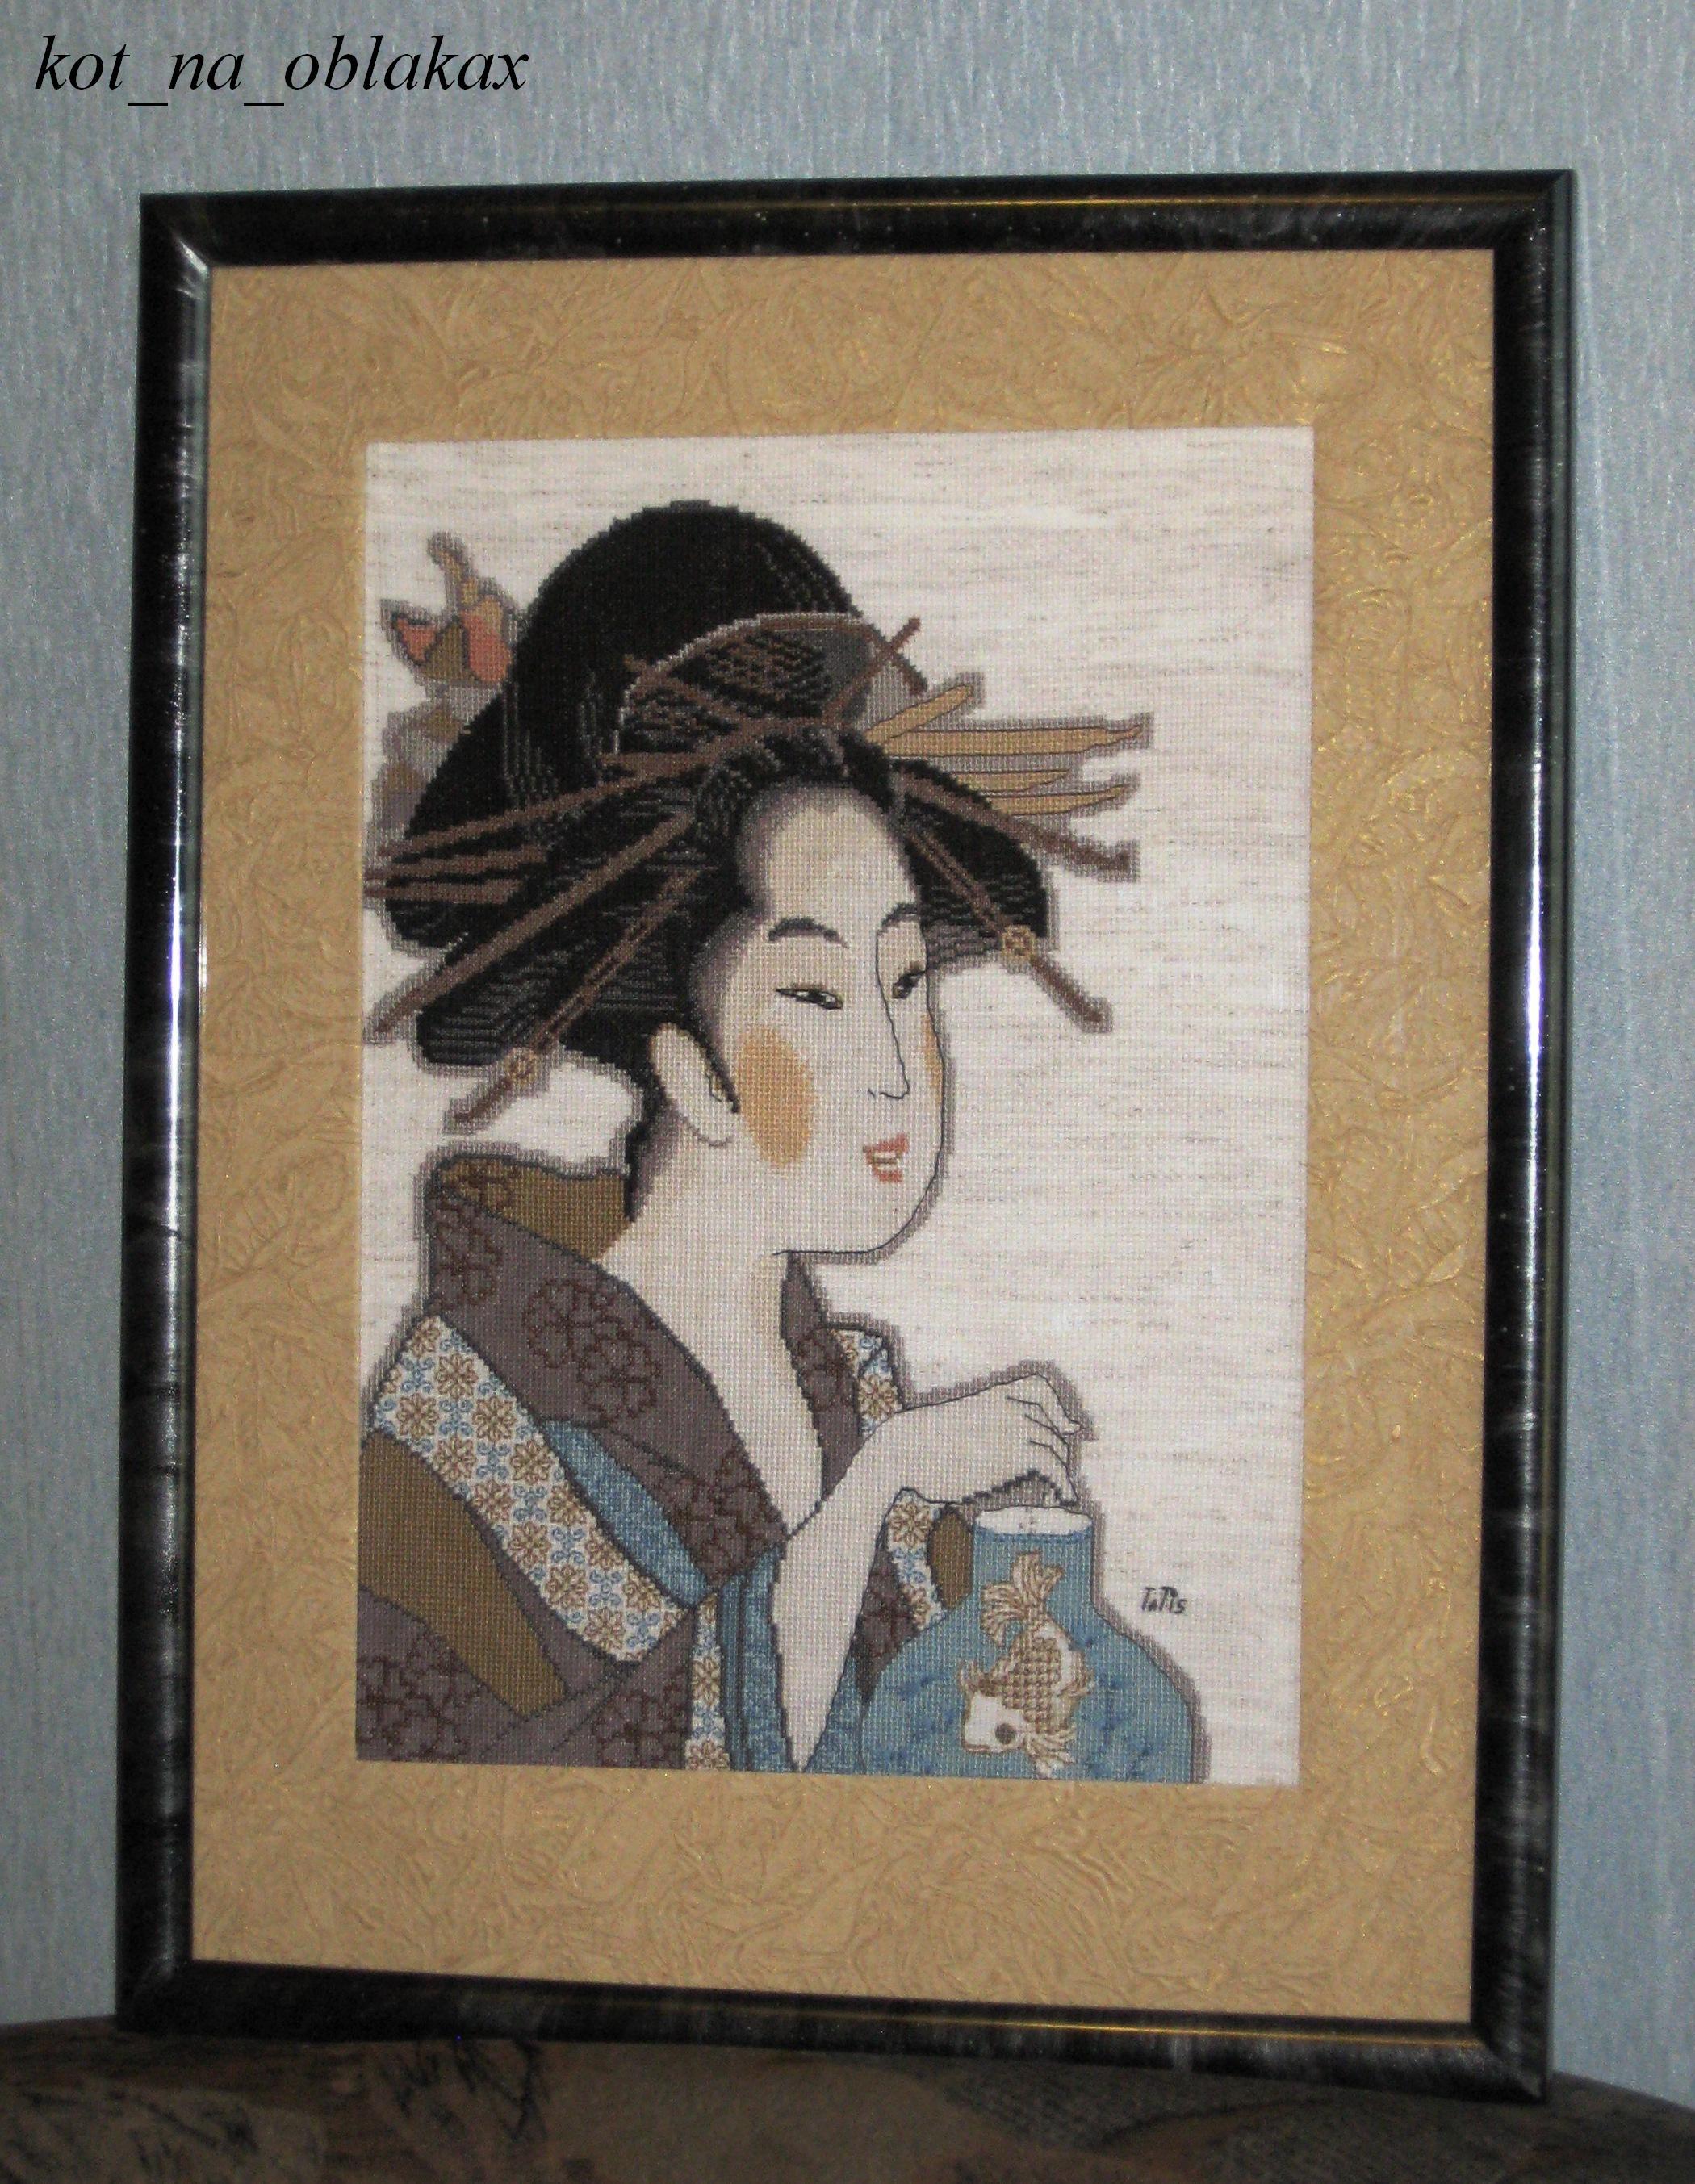 схема для вышивания климт 3 возраста женщины